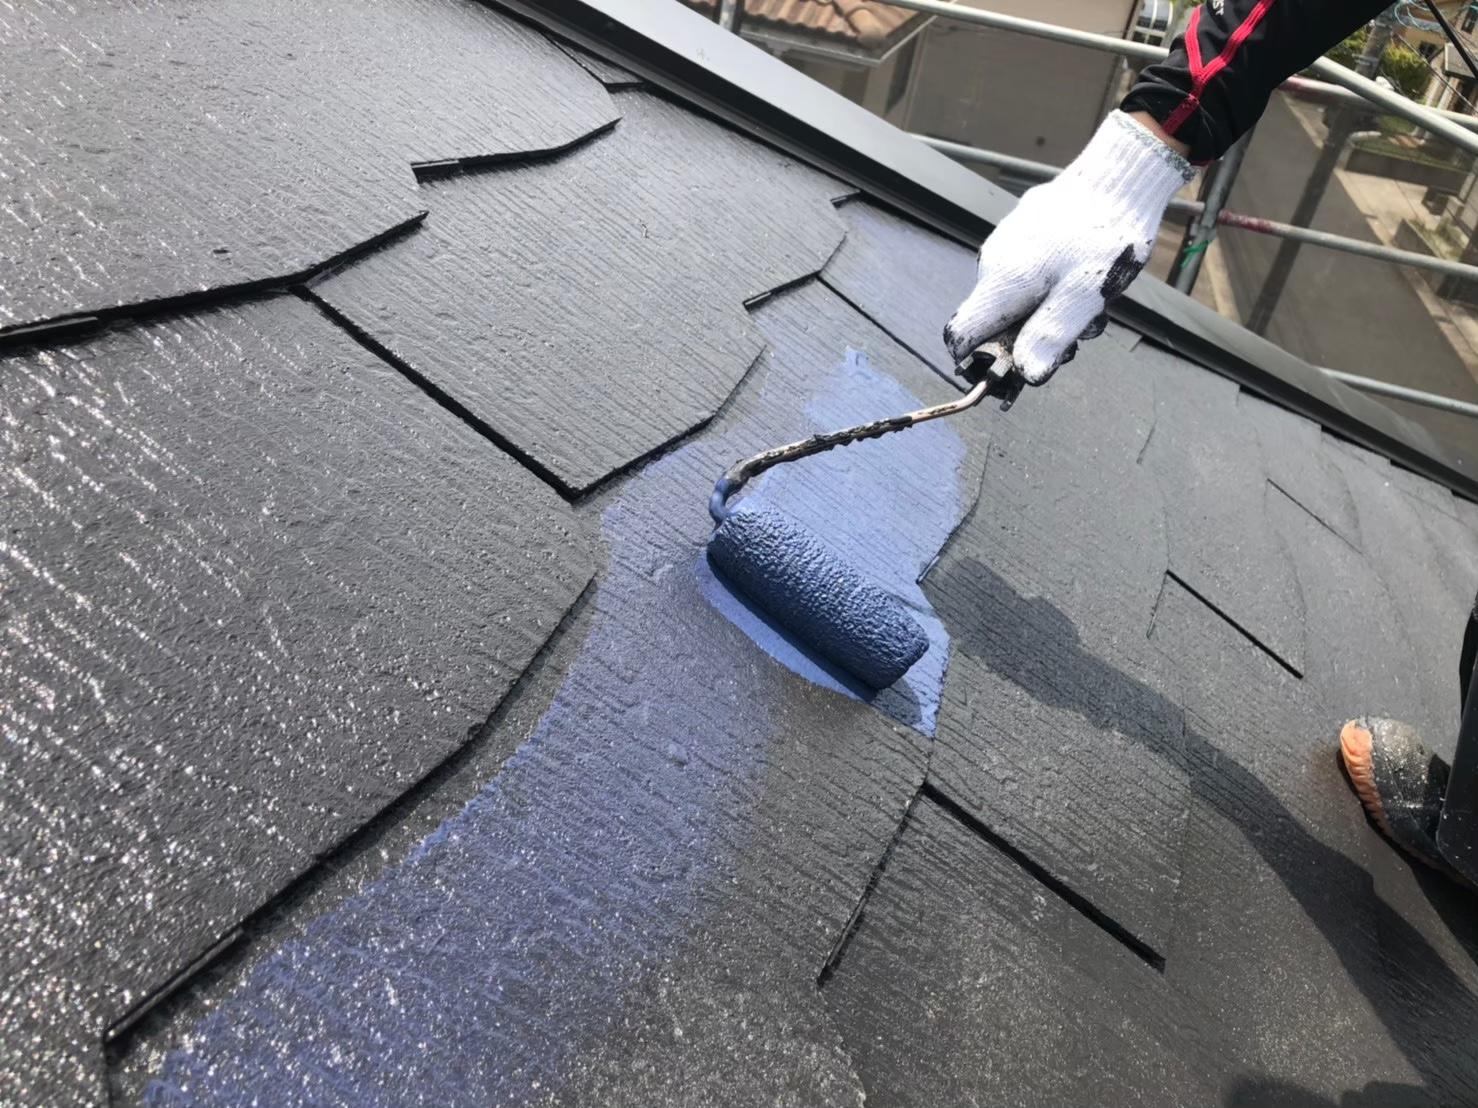 屋根のリフォームは必要?その必要性と成功させるためのポイントをご紹介!